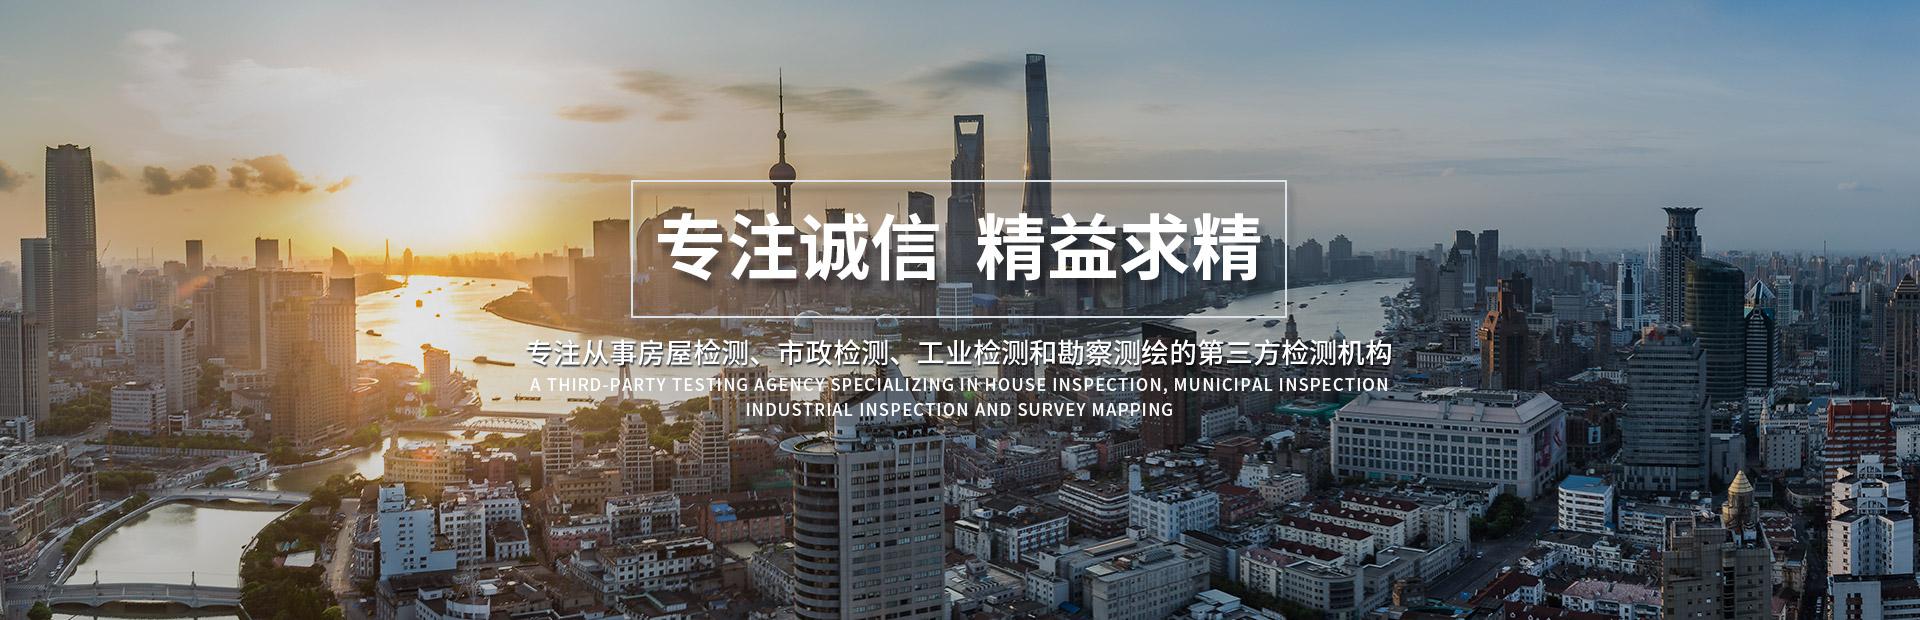 上海思道机电安装服务有限公司